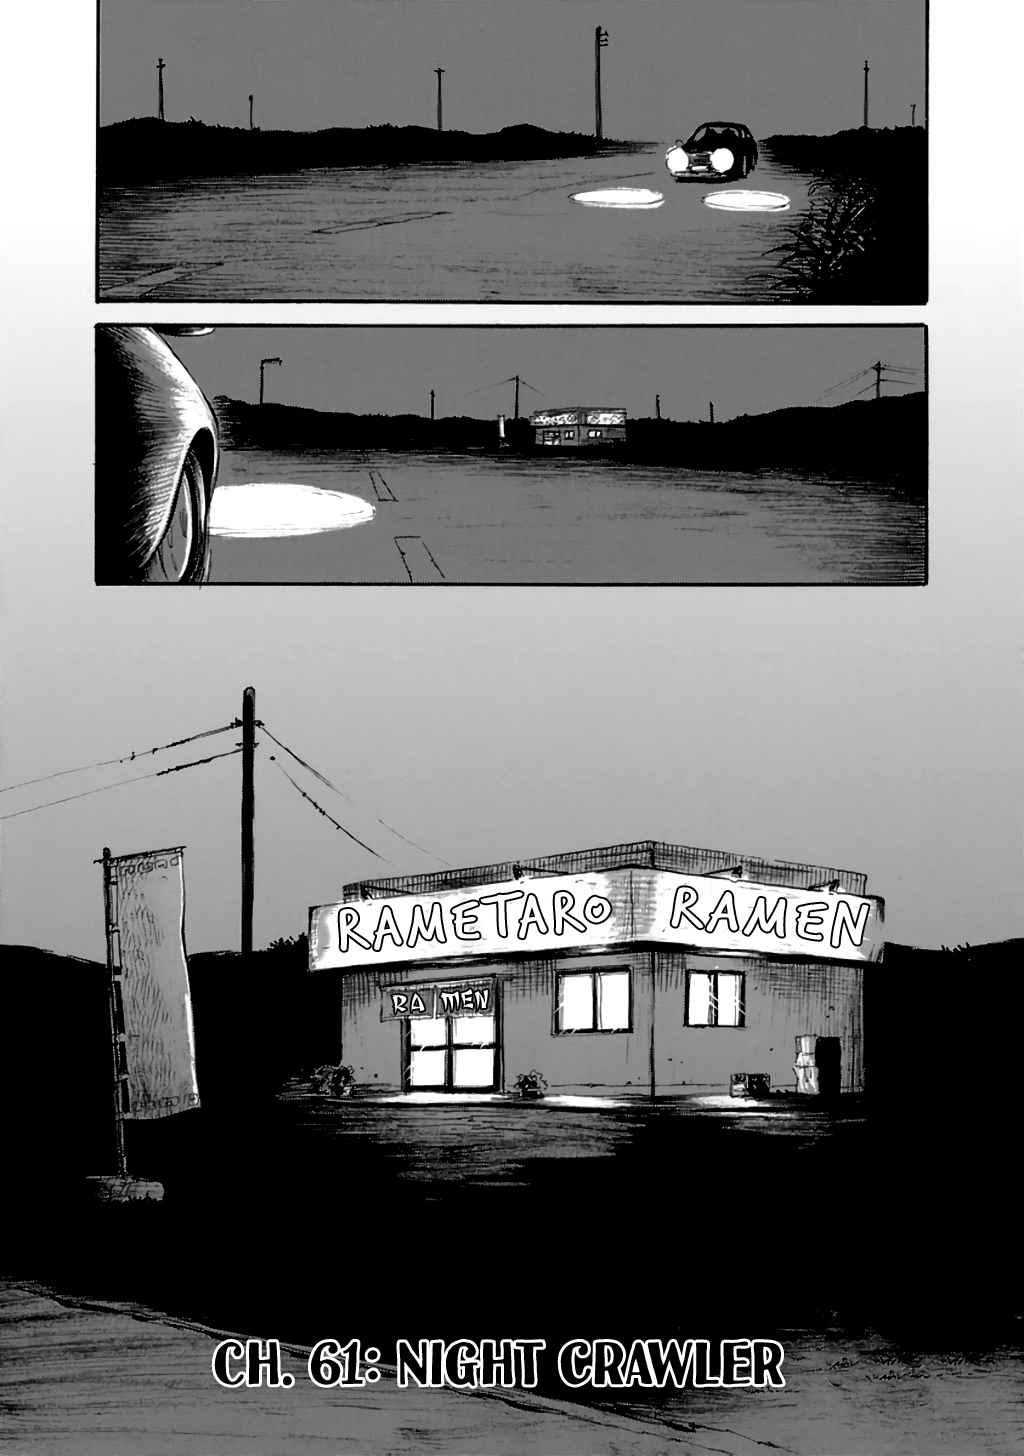 https://img2.nineanime.com/comics/pic2/61/8253/735227/5cddb7f7763759b51382cce18d9c02cf.jpg Page 1